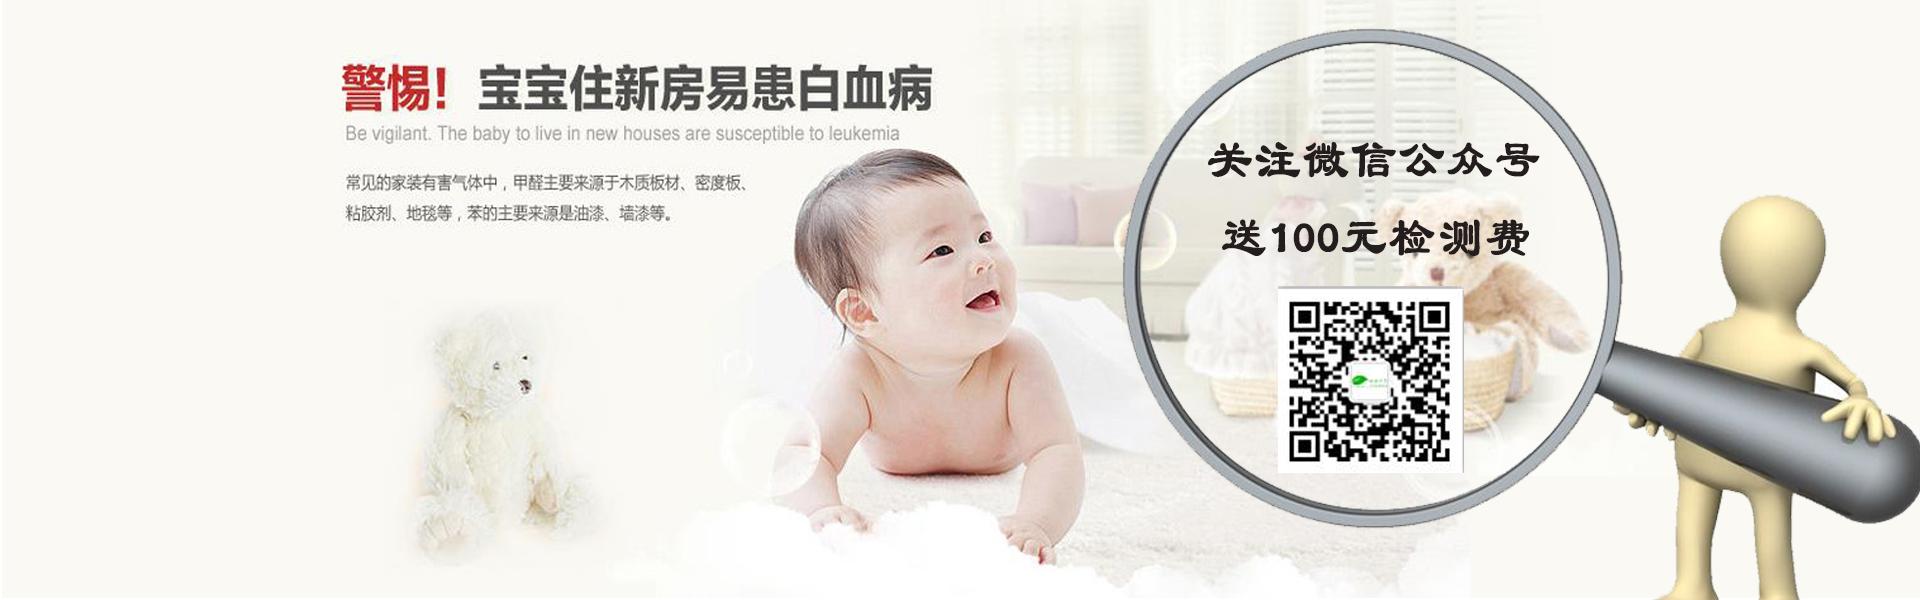 小小叶子网站新房空气污染治理大图